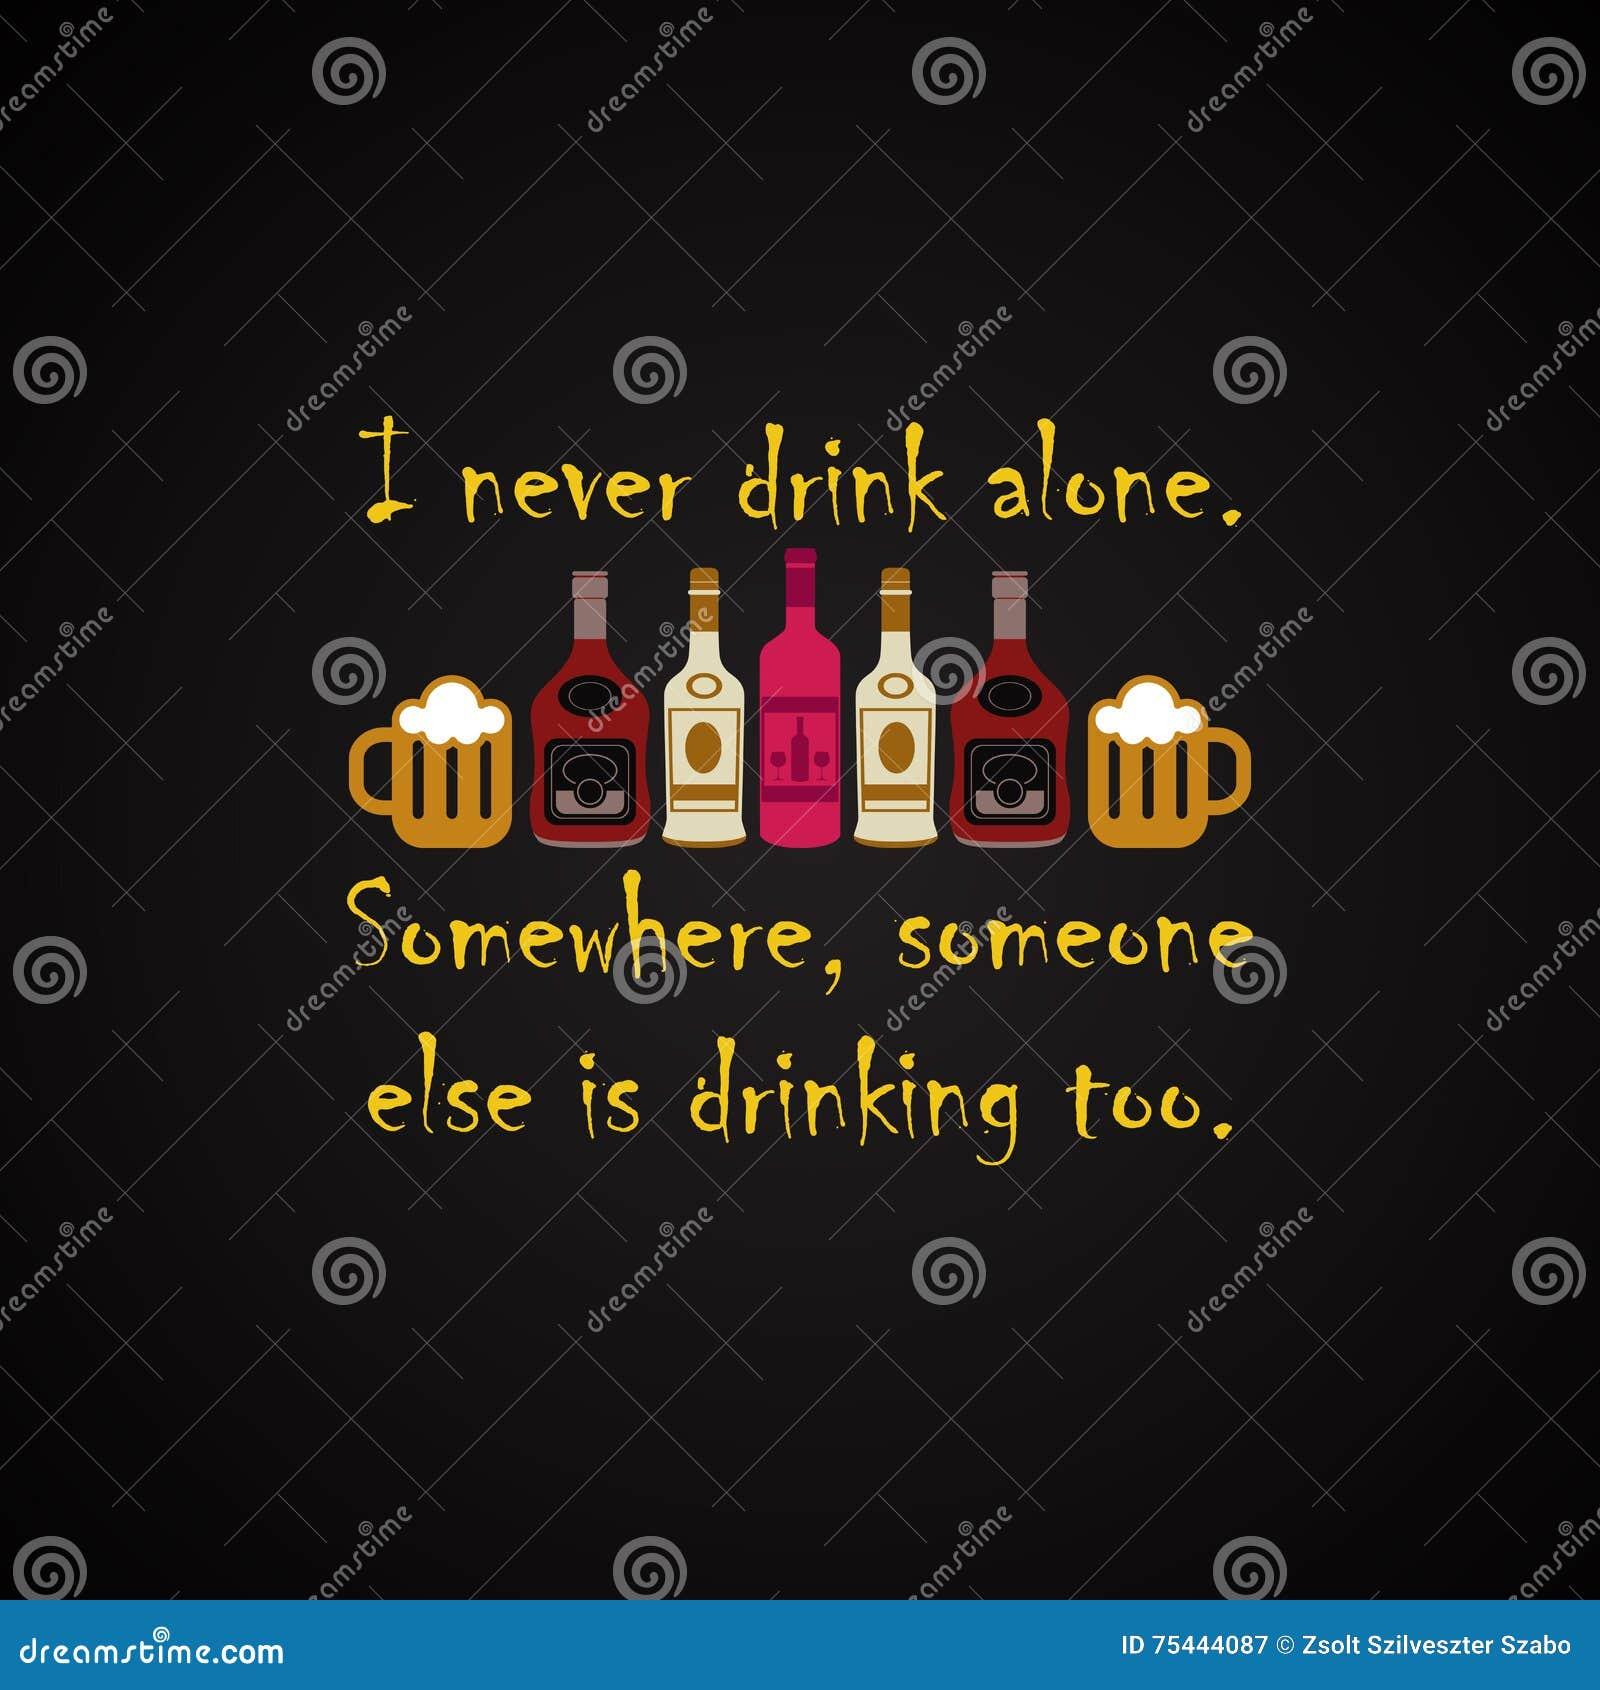 Я никогда не выпиваю самостоятельно - смешной шаблон надписи